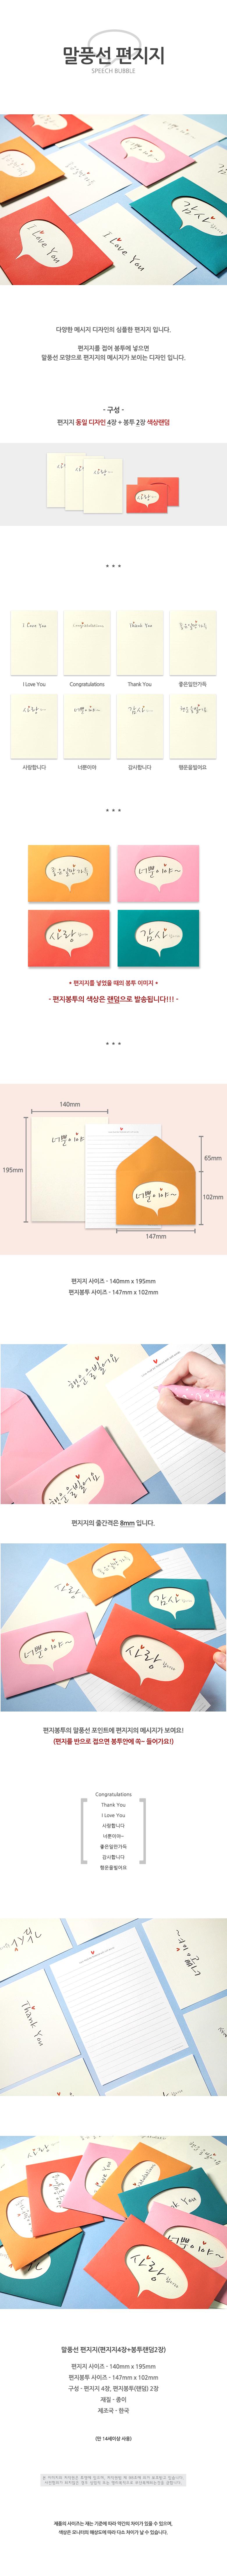 말풍선 편지지(편지지4장+봉투랜덤2장) - 투영, 1,500원, 편지지, 심플 편지지